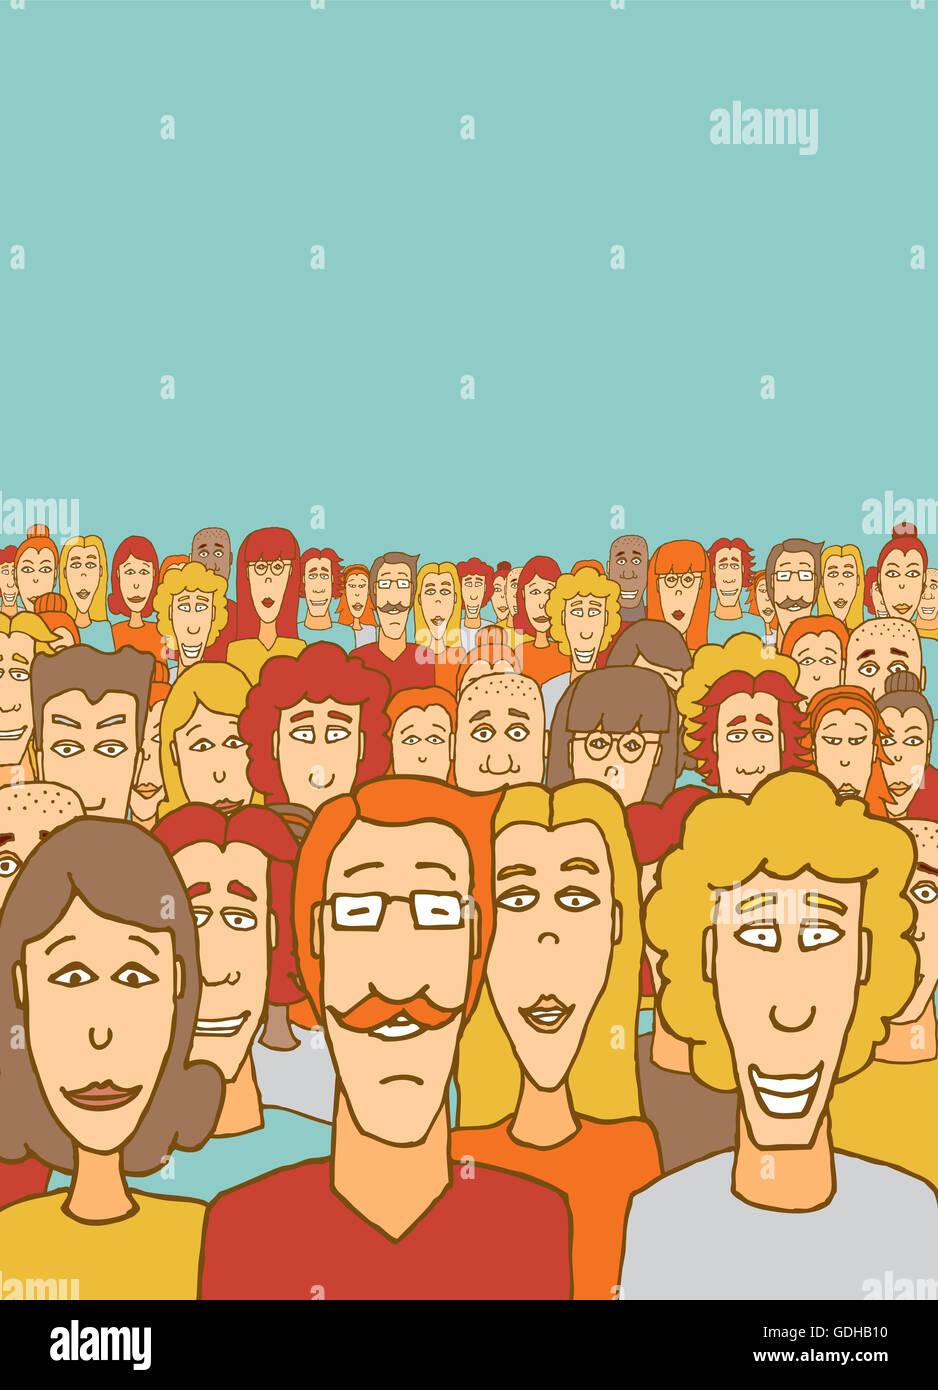 Cartoon ilustración de una gran comunidad de multitudes Imagen De Stock